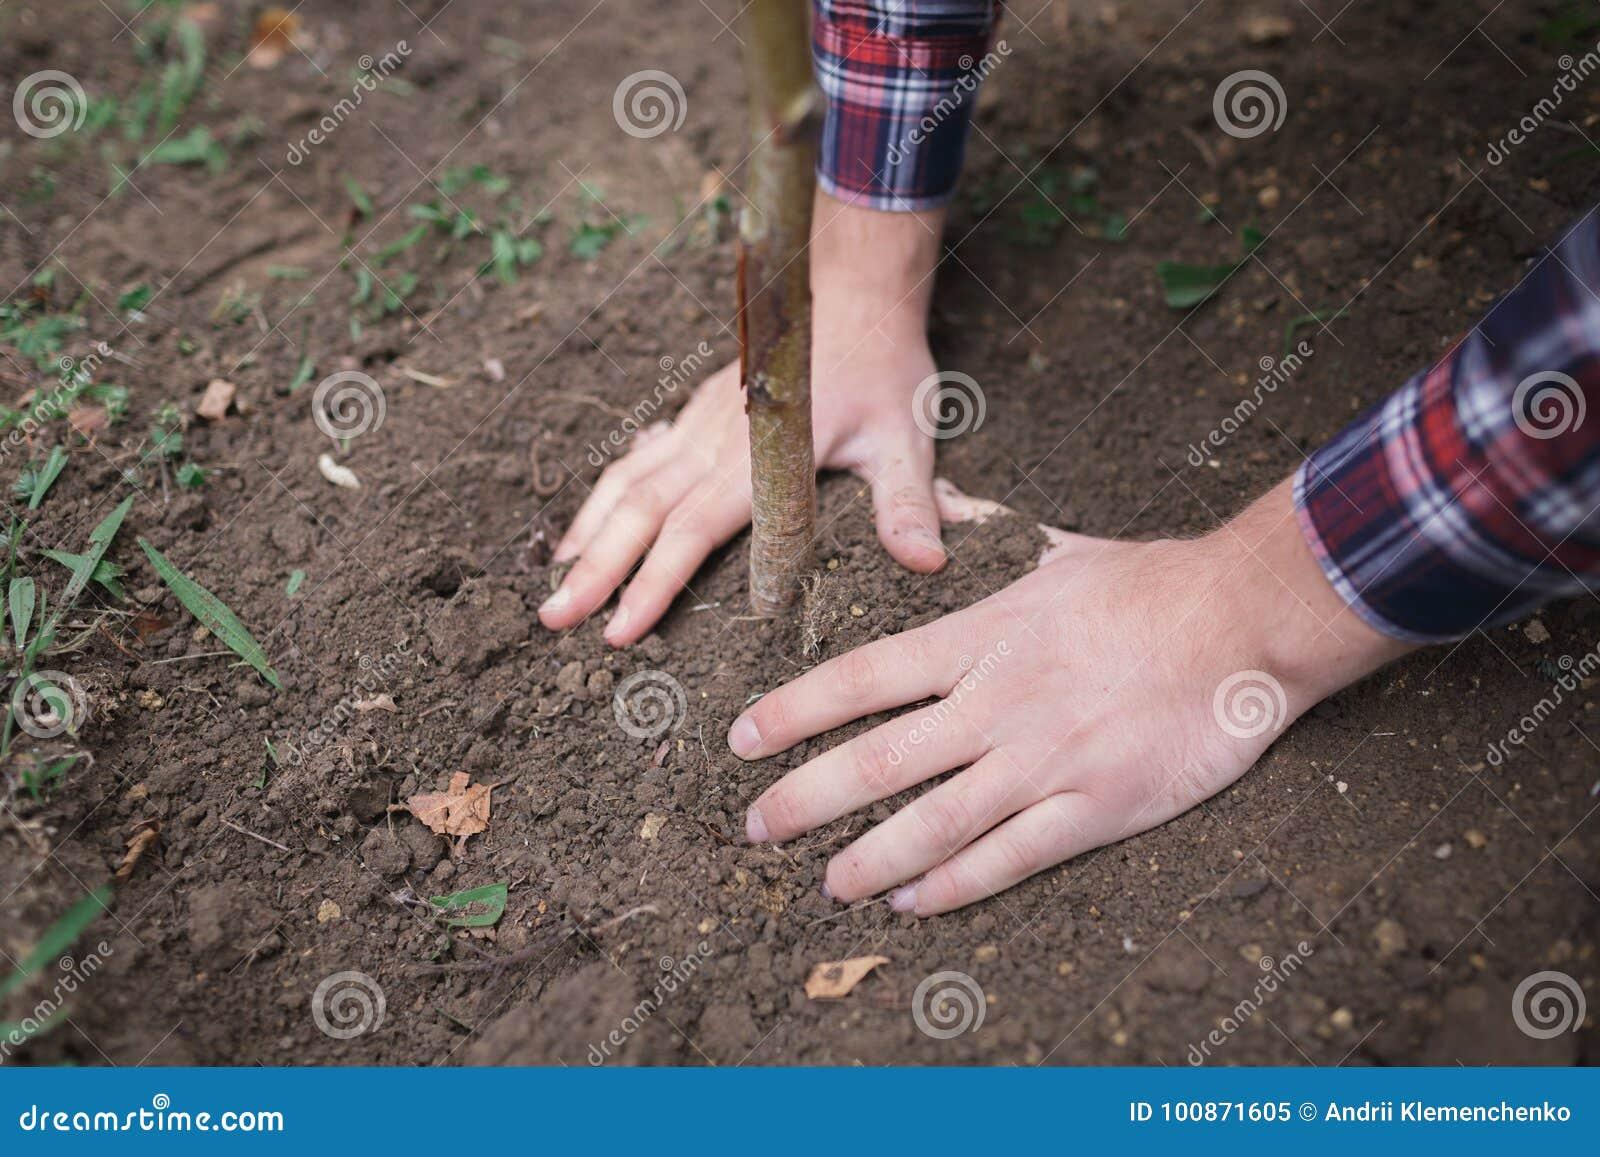 Mann hat einen jungen Baum und eine Sorgfalt über ihn beim Arbeiten im Garten gepflanzt Tag der Erde, Erdschutz